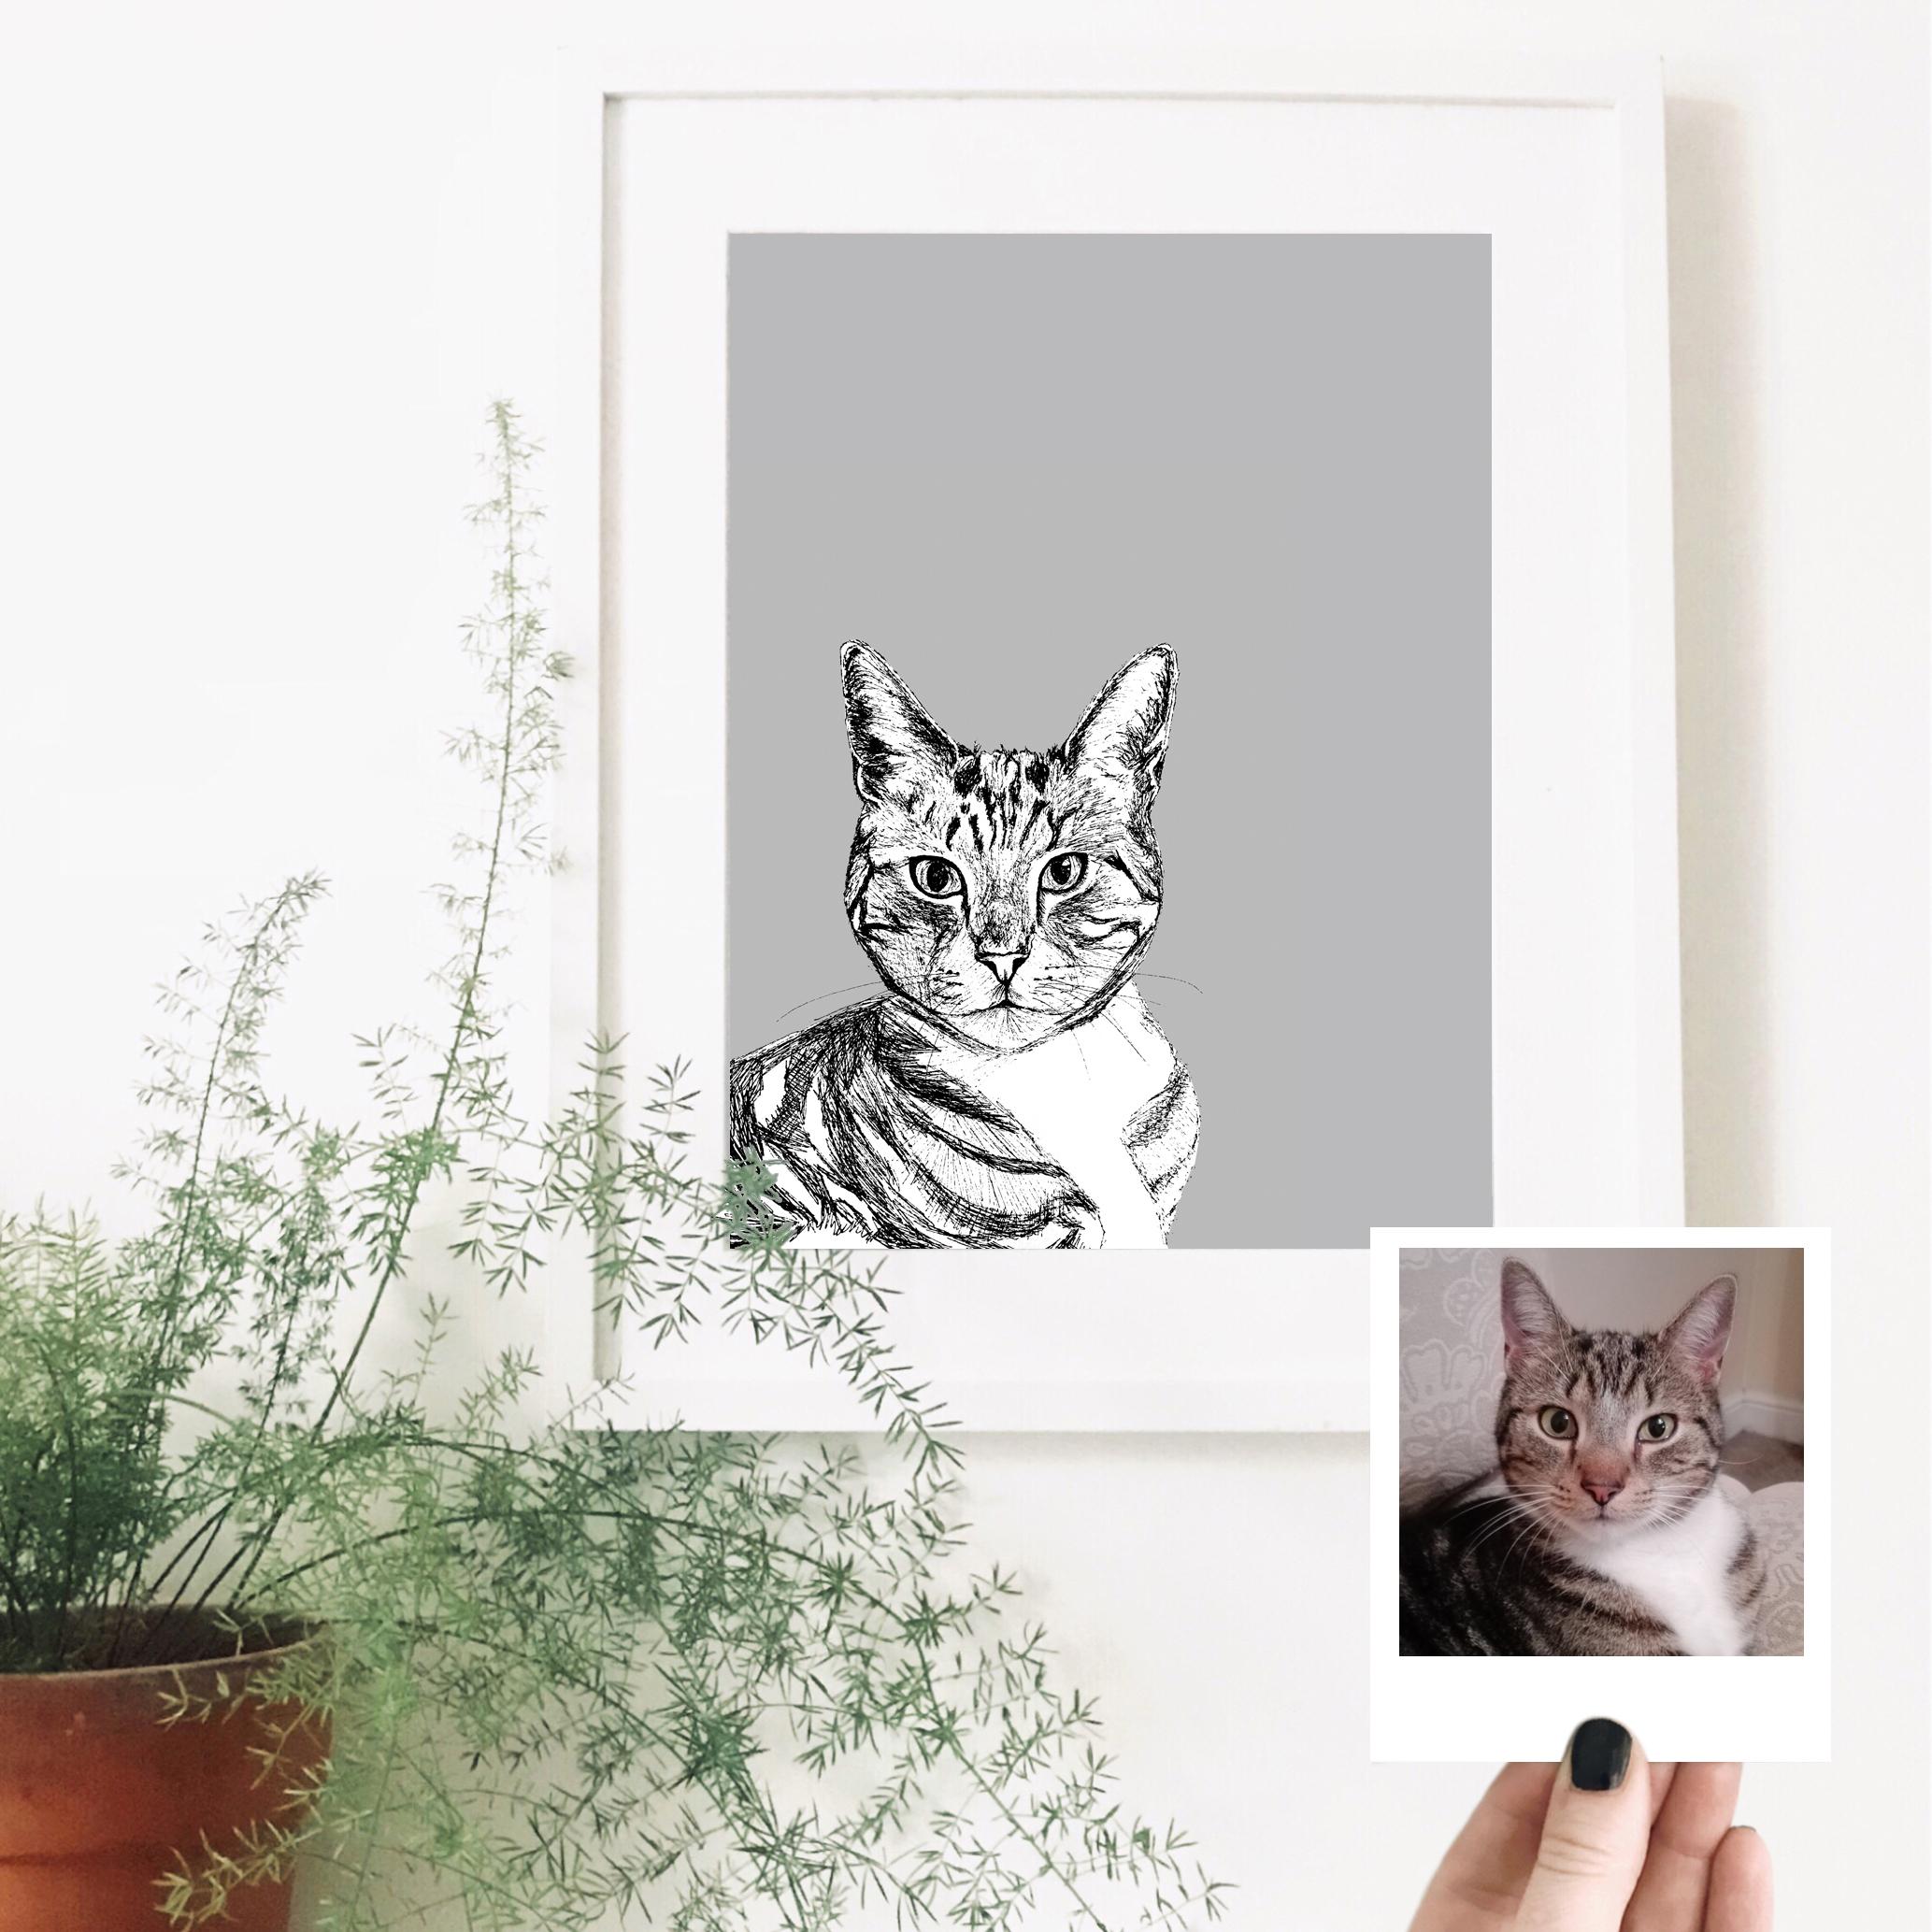 mr-tibbs-cat-pet-portrait-drawing.jpg